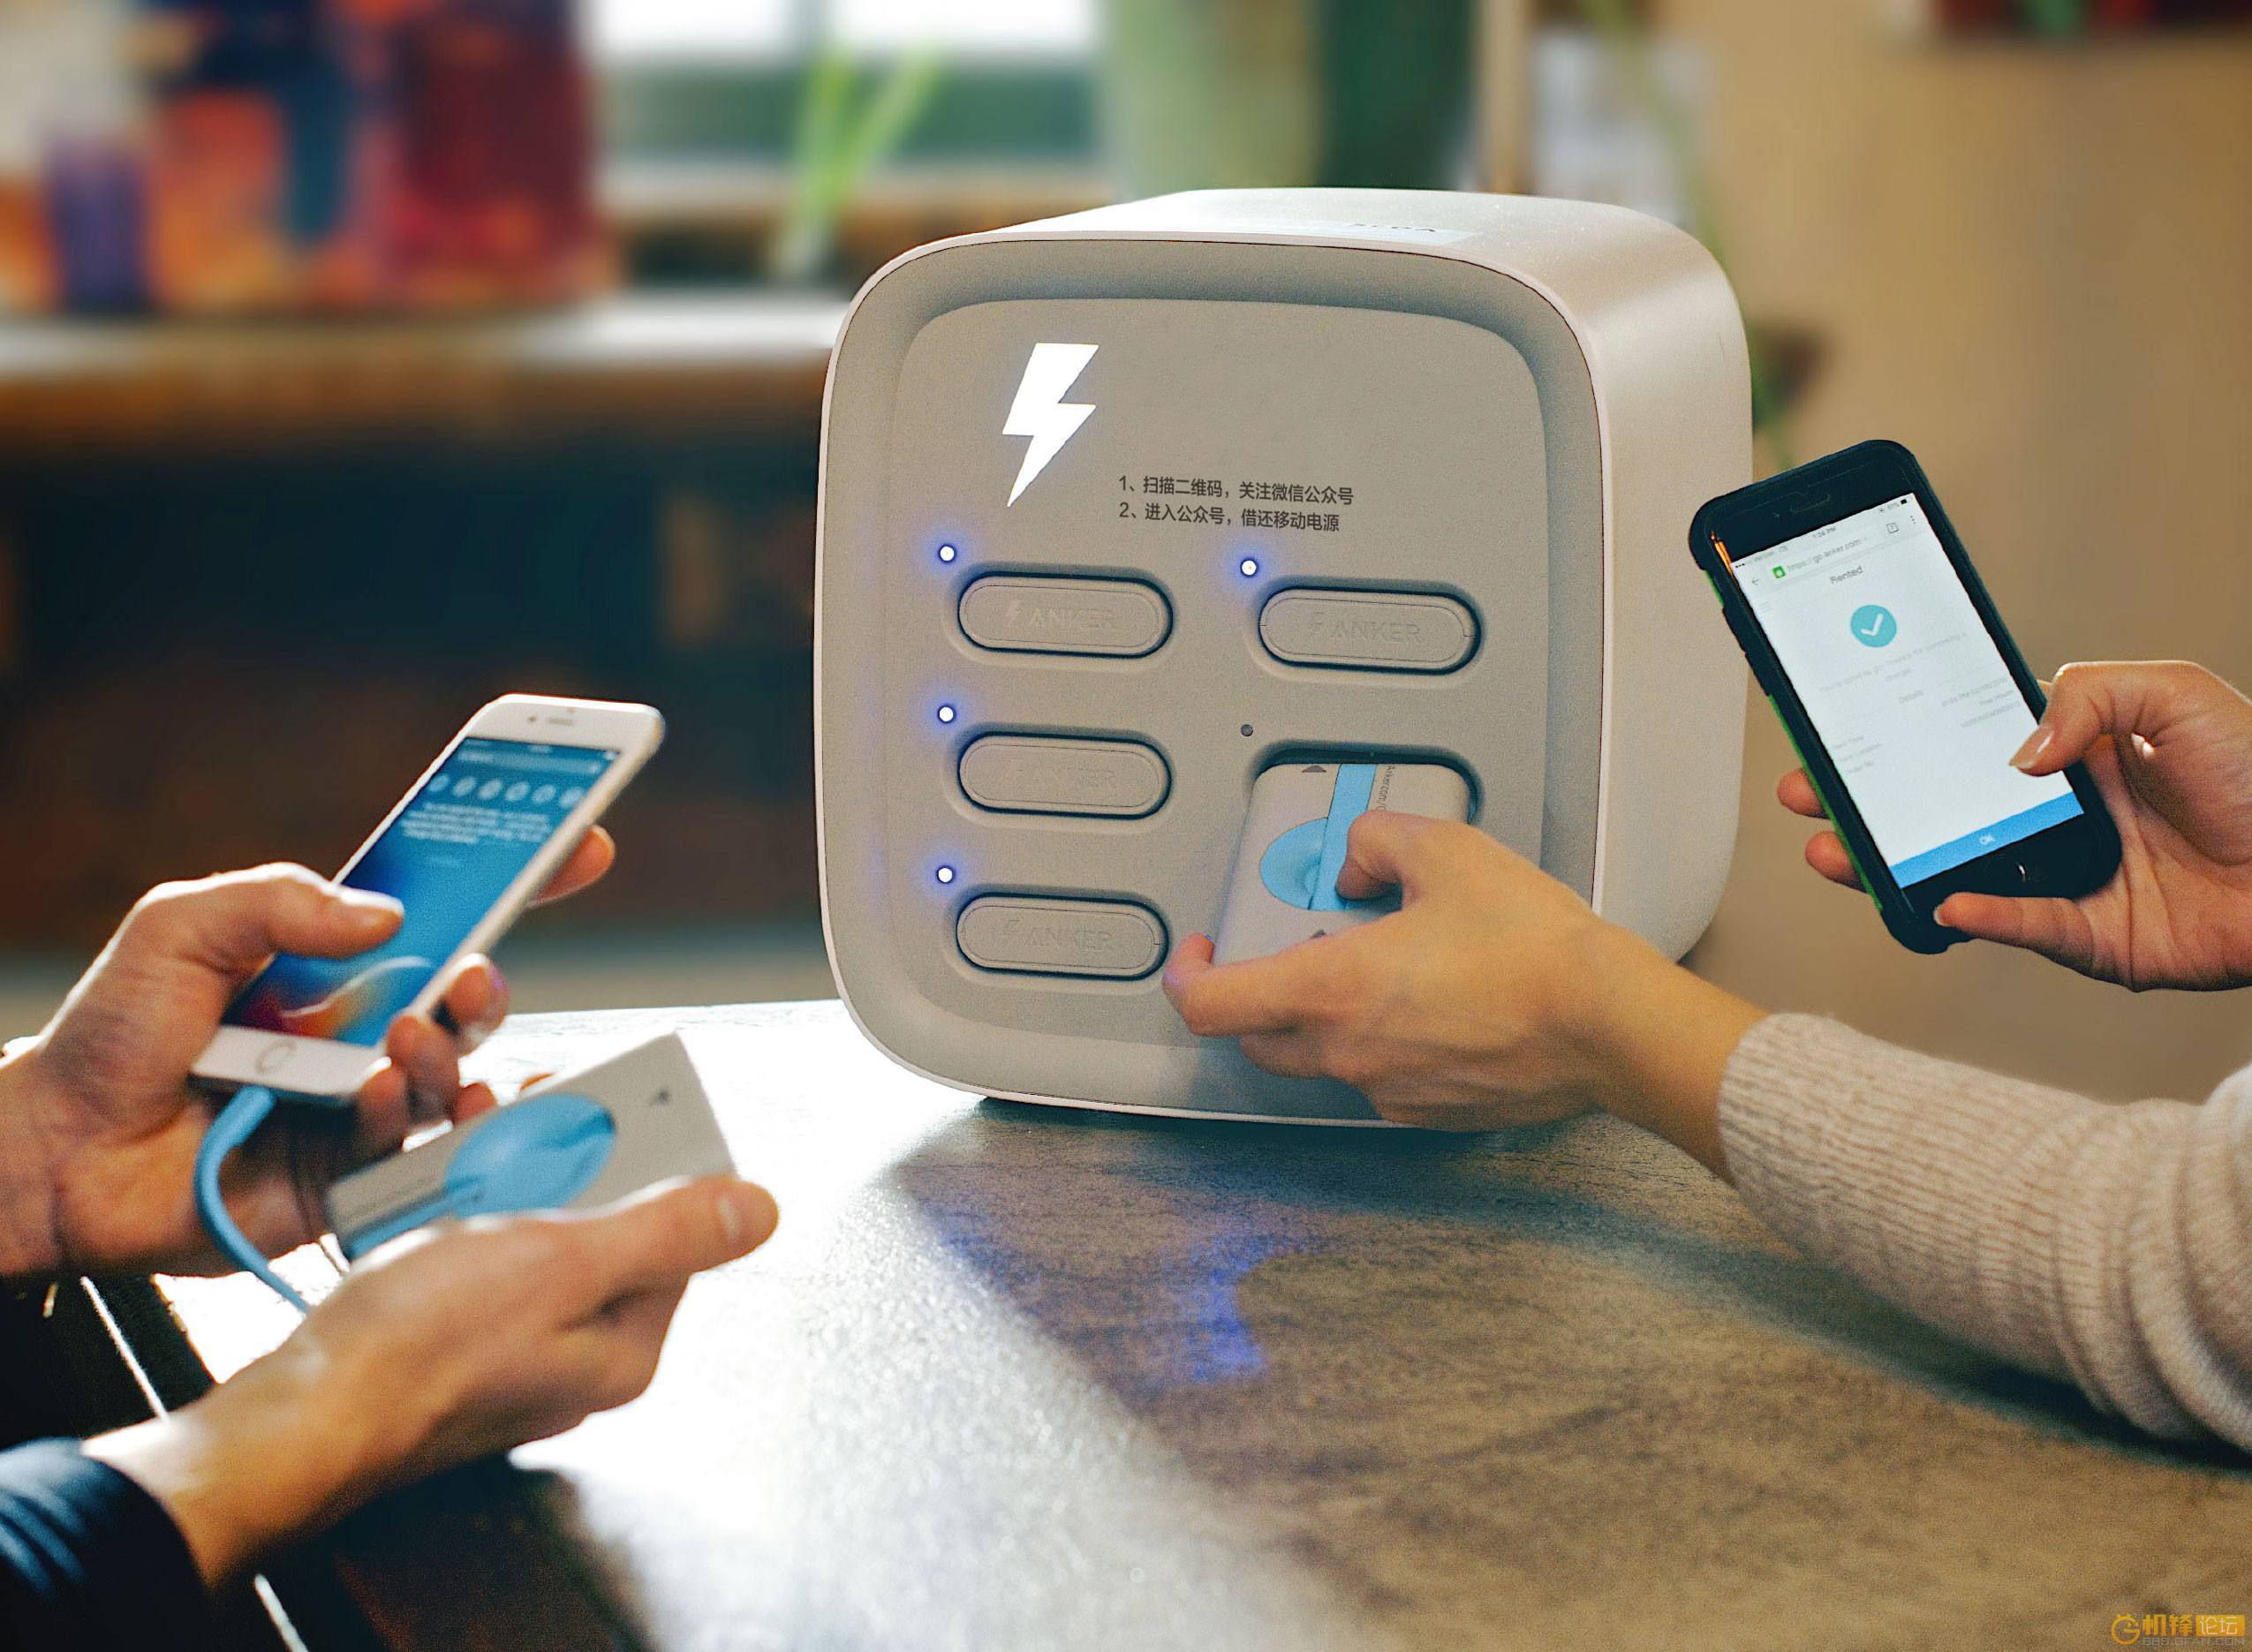 告别1元时代,共享充电宝再次涨价,究竟意欲何为?